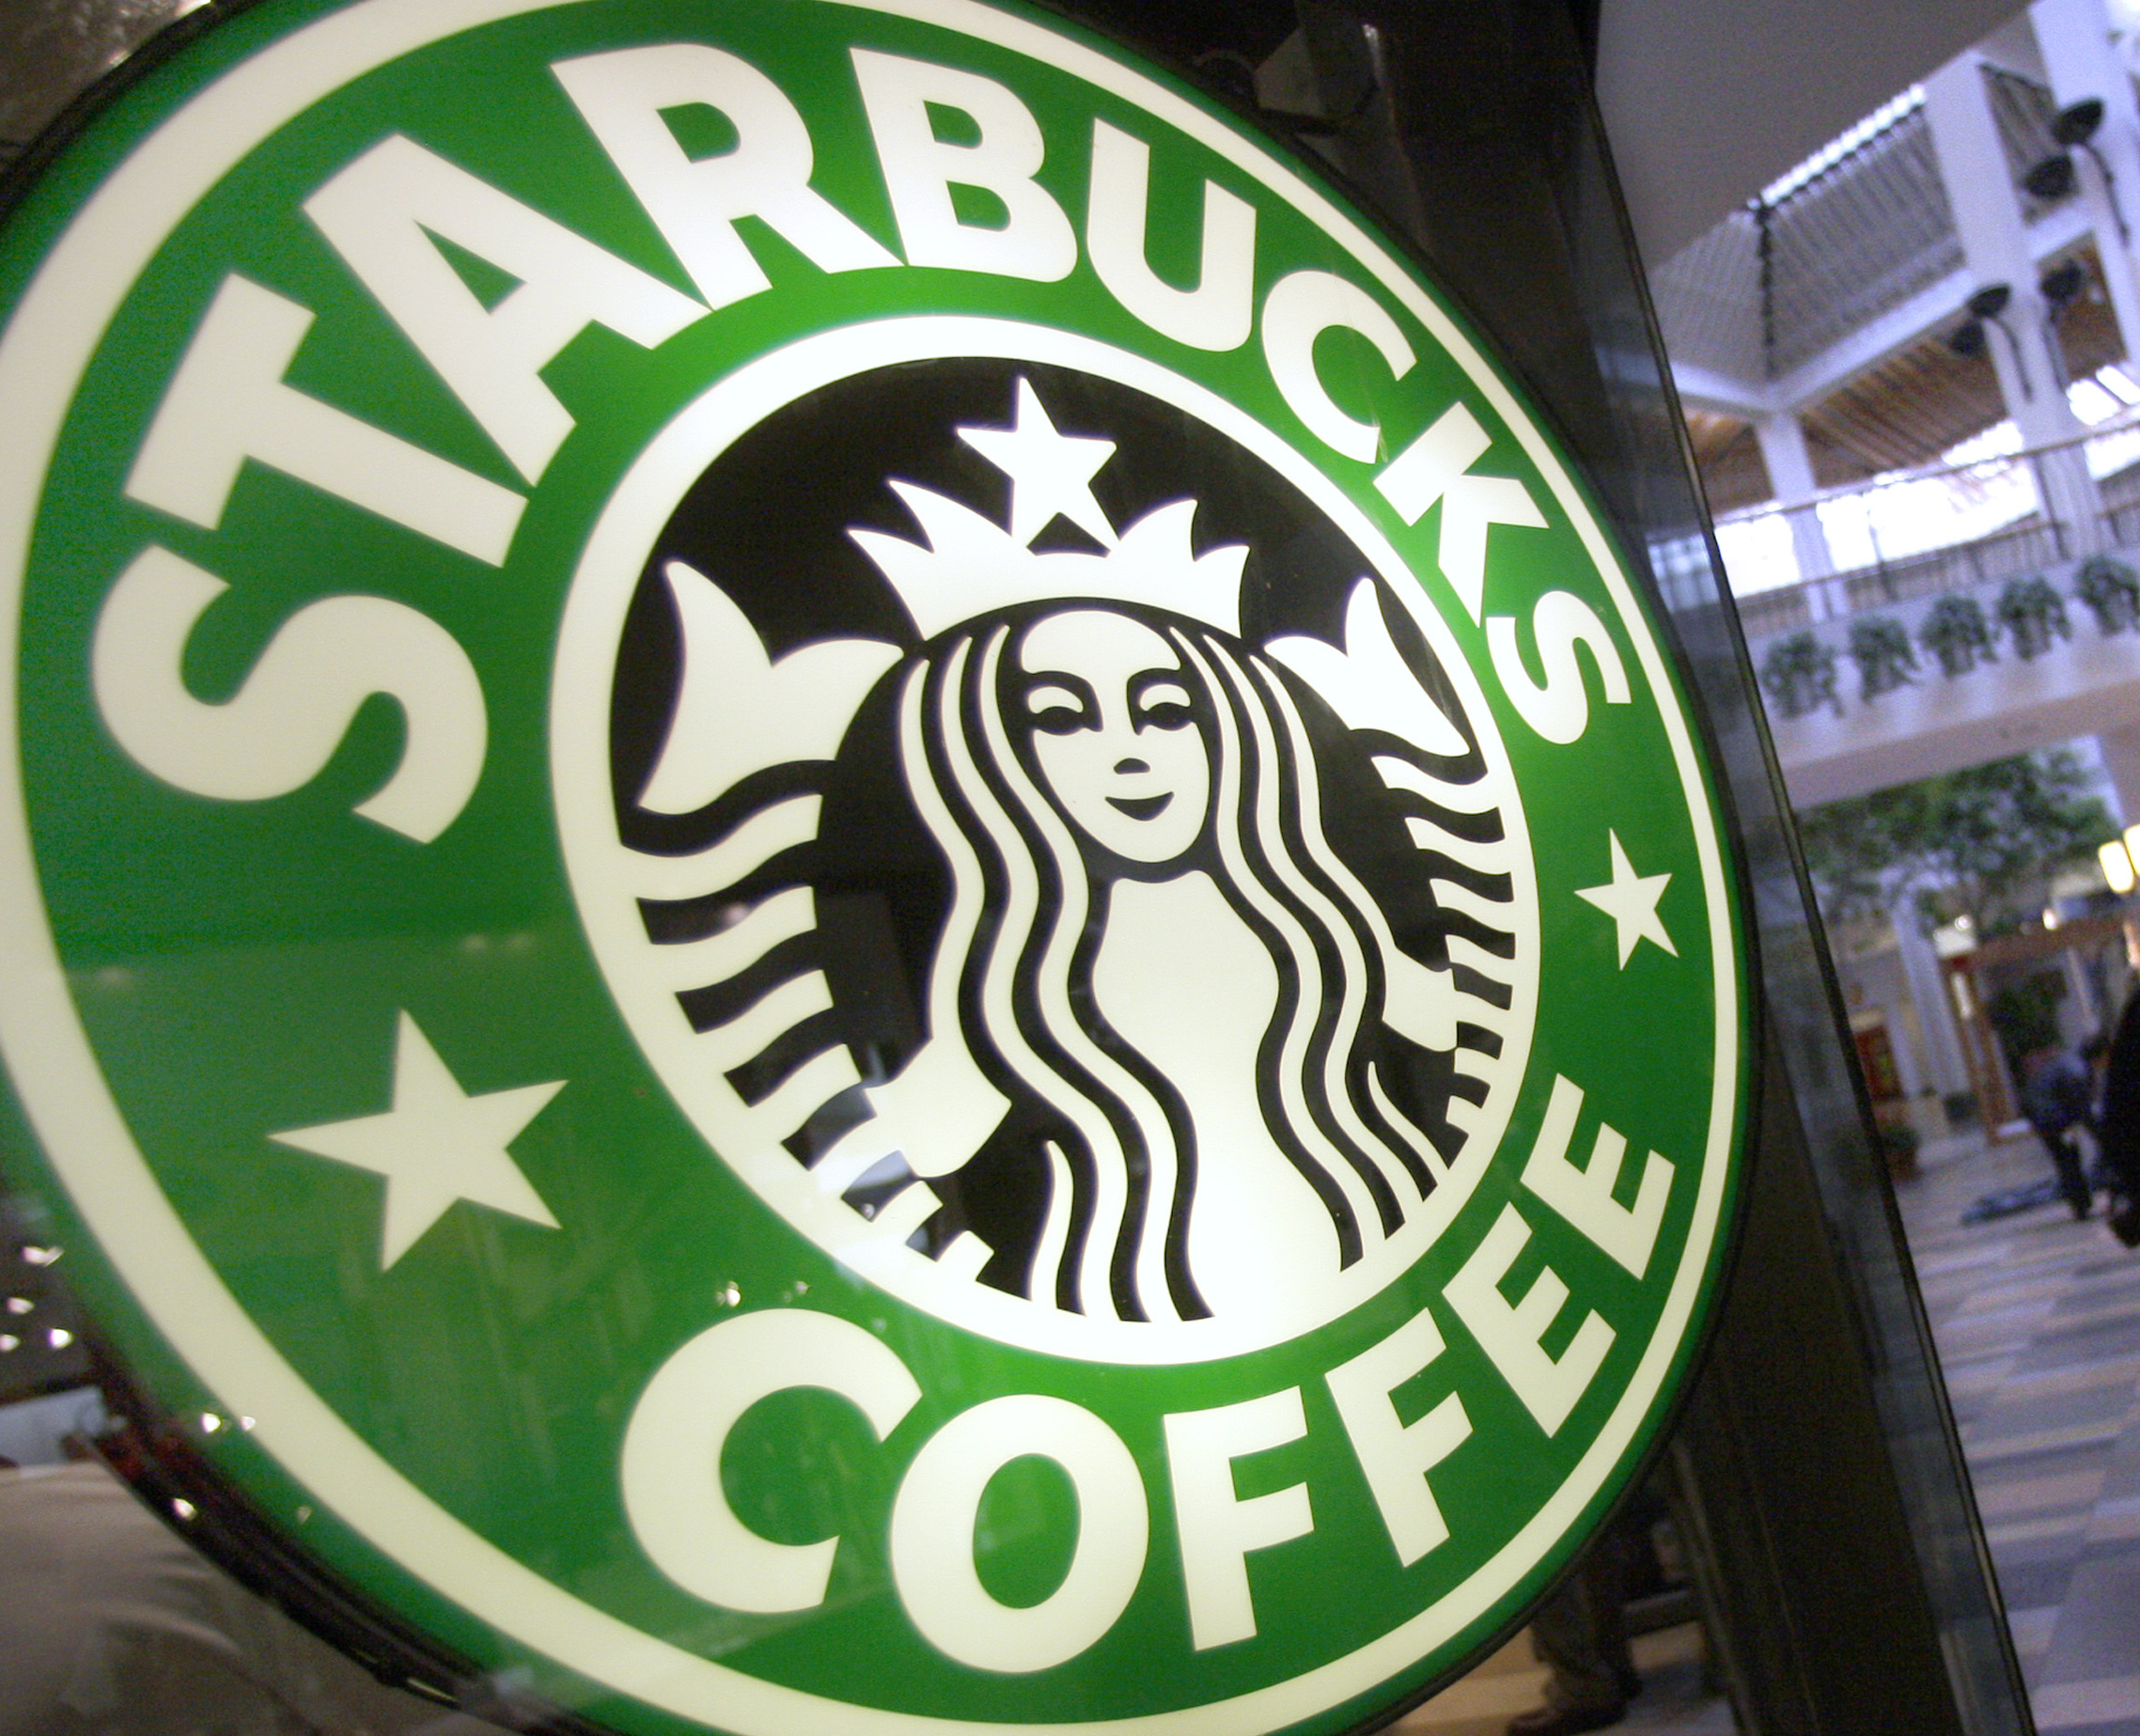 星巴克咖啡在美国_西雅图星巴克一号店攻略_西雅图星巴克一号店门票价格_西雅图 ...